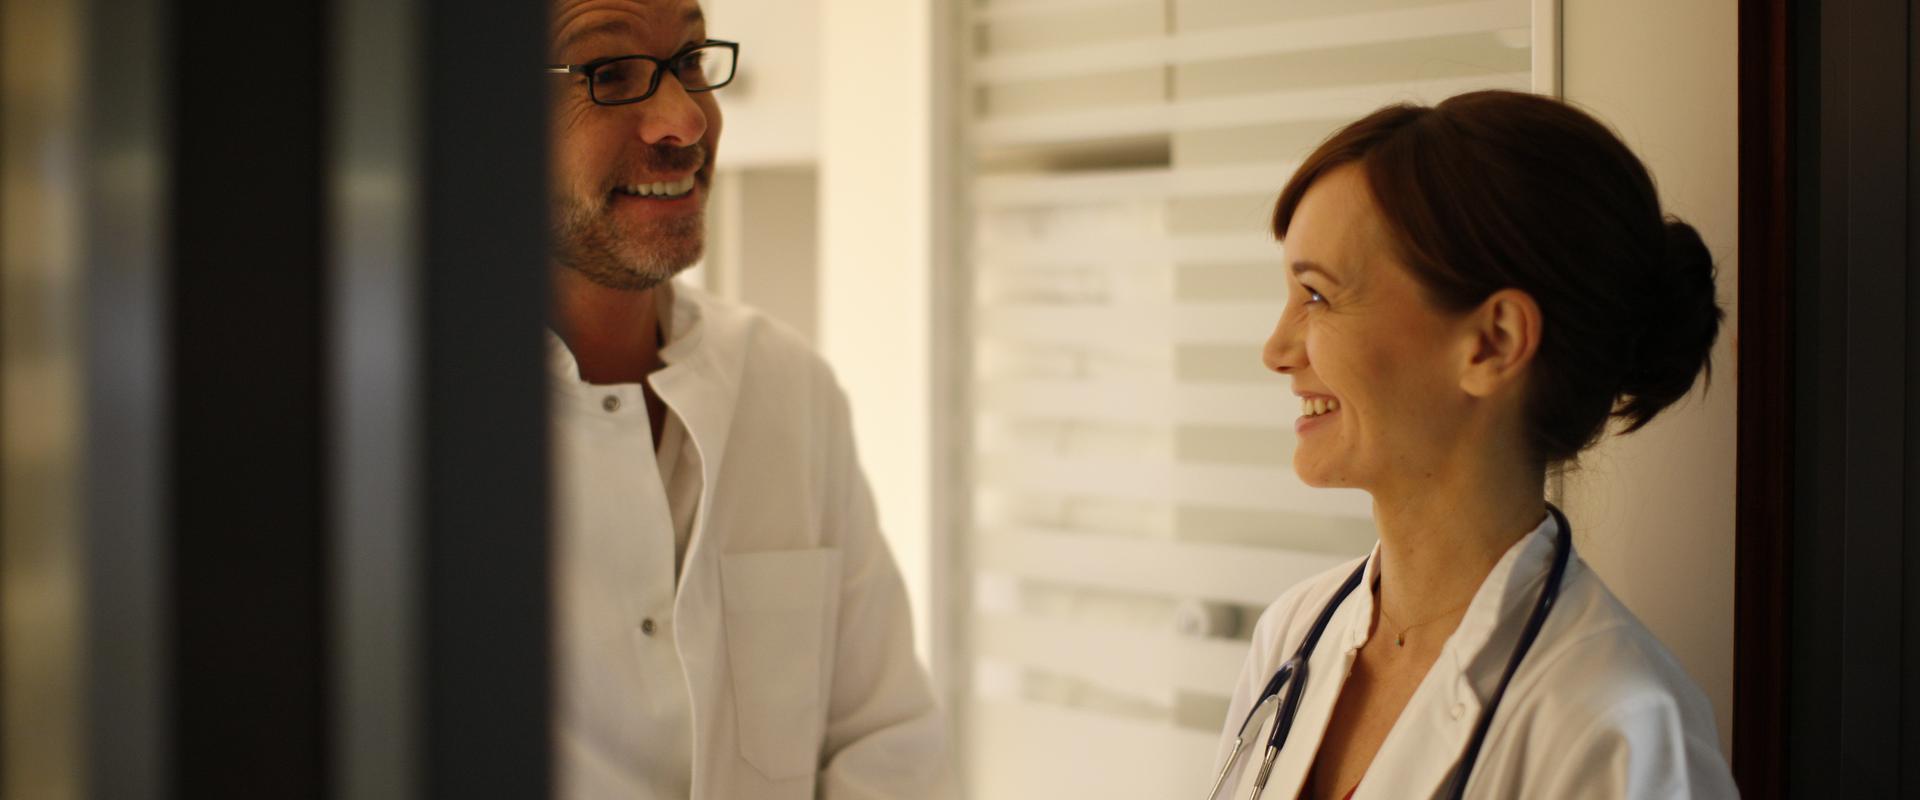 Ärzte unterhalten sich in den MEDIAN Gesundheitsdiensten Koblenz